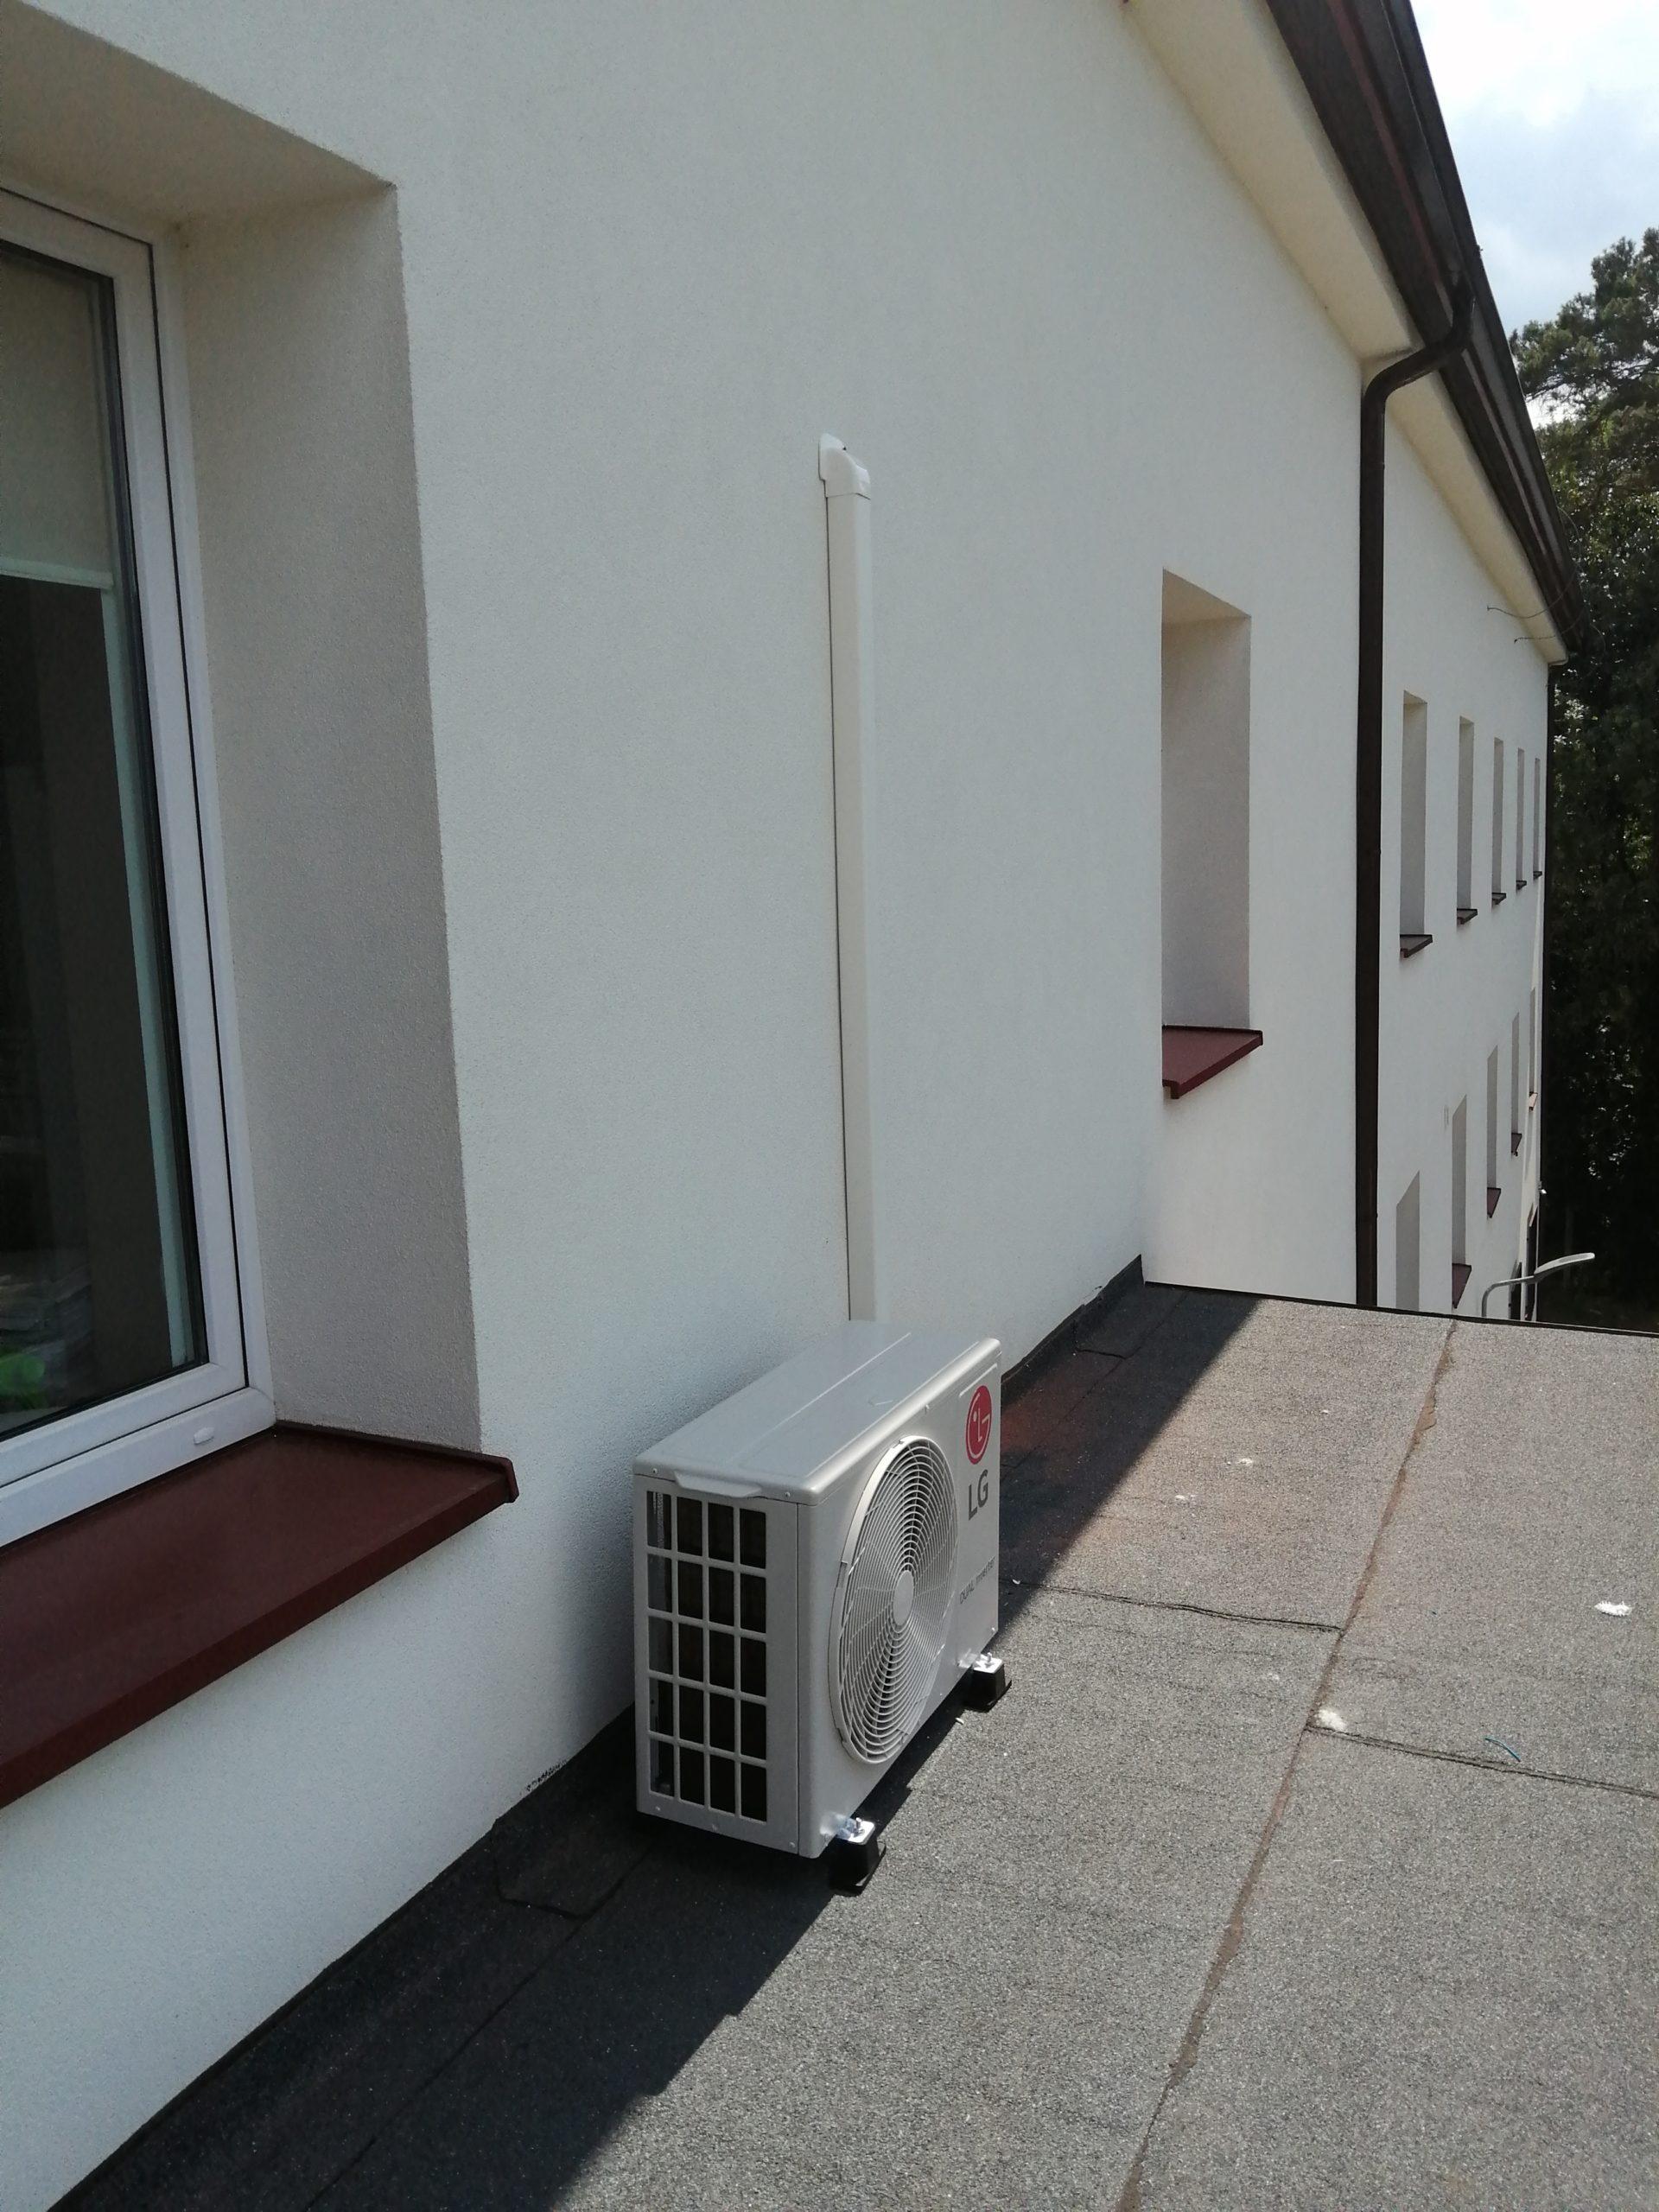 Wykonaliśmy klimatyzację w biurowcu Dressta Liugong Stalowa Wola